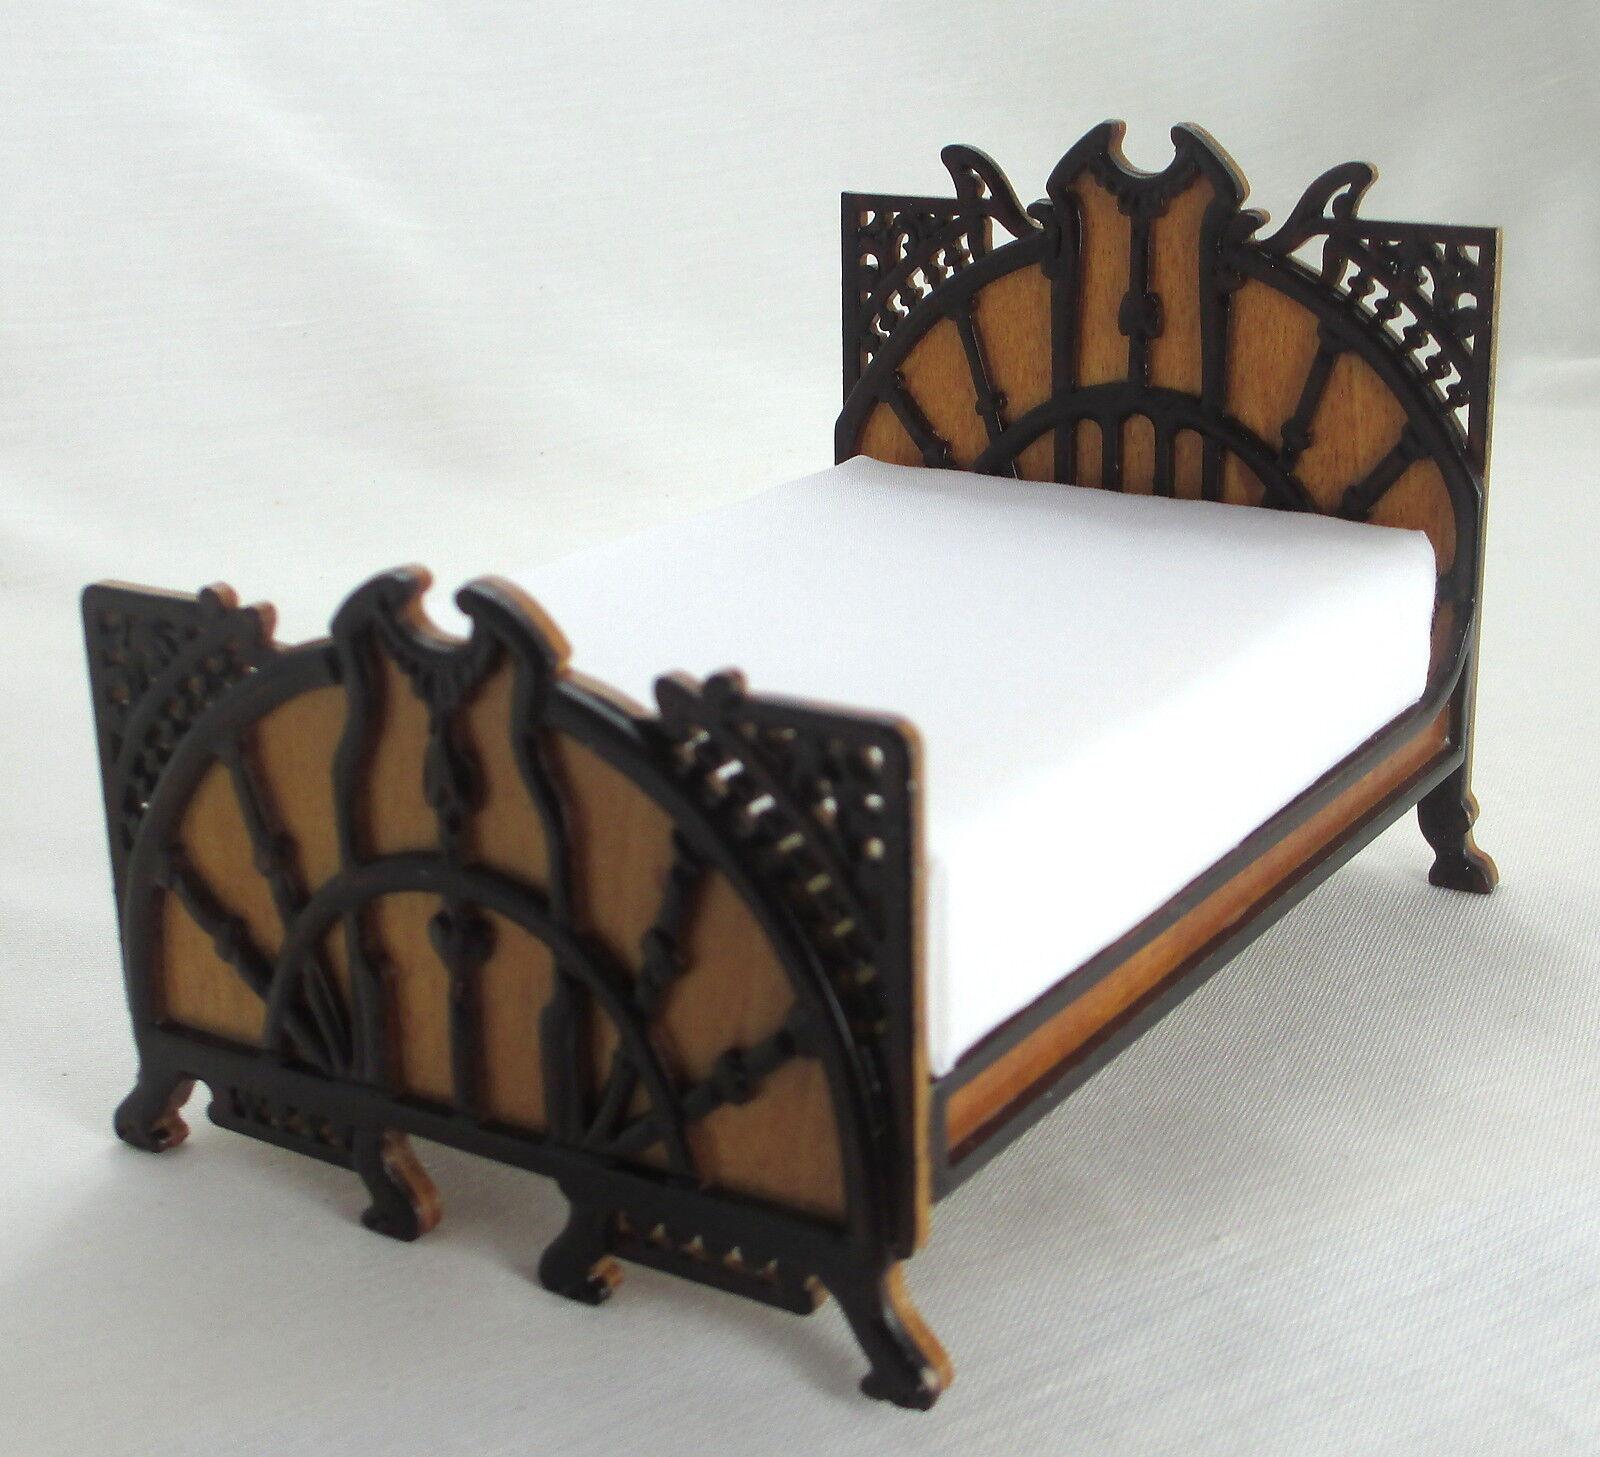 JBM Miniatures 12035WN bambolahouse Art Deco Bed -  Walnut - 1 12 Scale  in vendita scontato del 70%